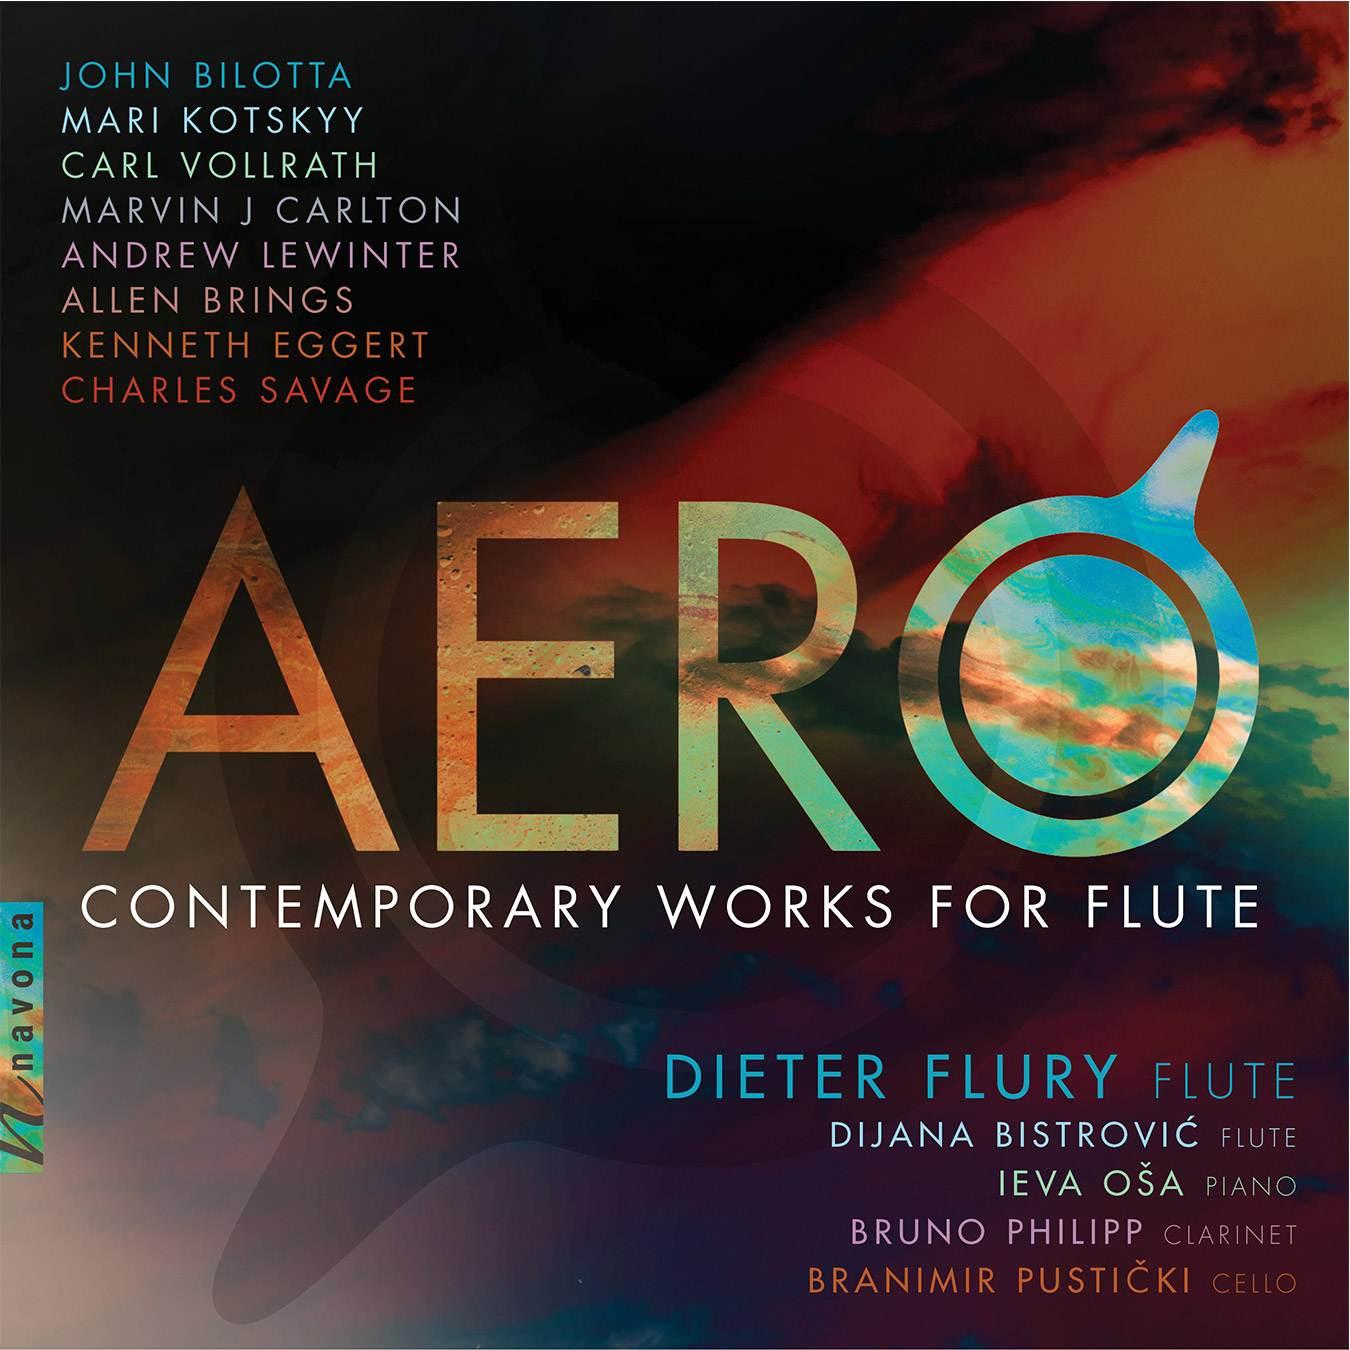 AERO - album cover